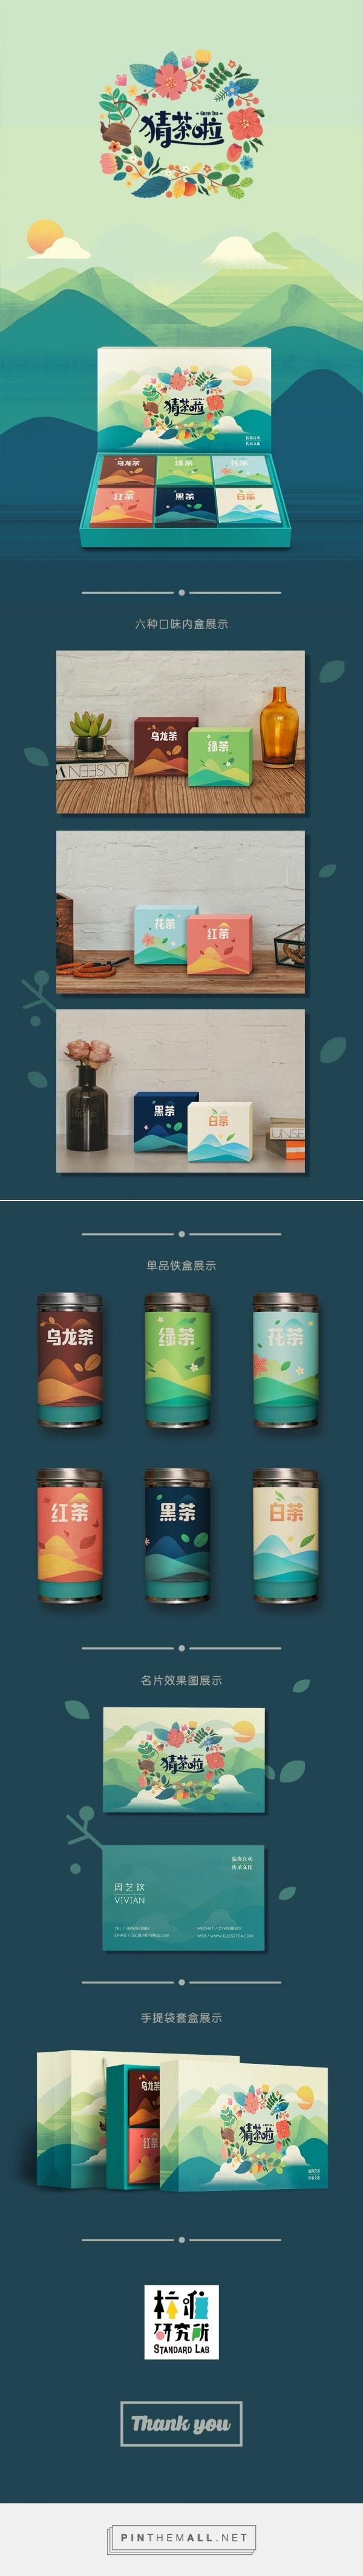 包装Diva PD策划的Behance上Guess茶叶包装的品牌,插图和包装。非常简单的包装设计。